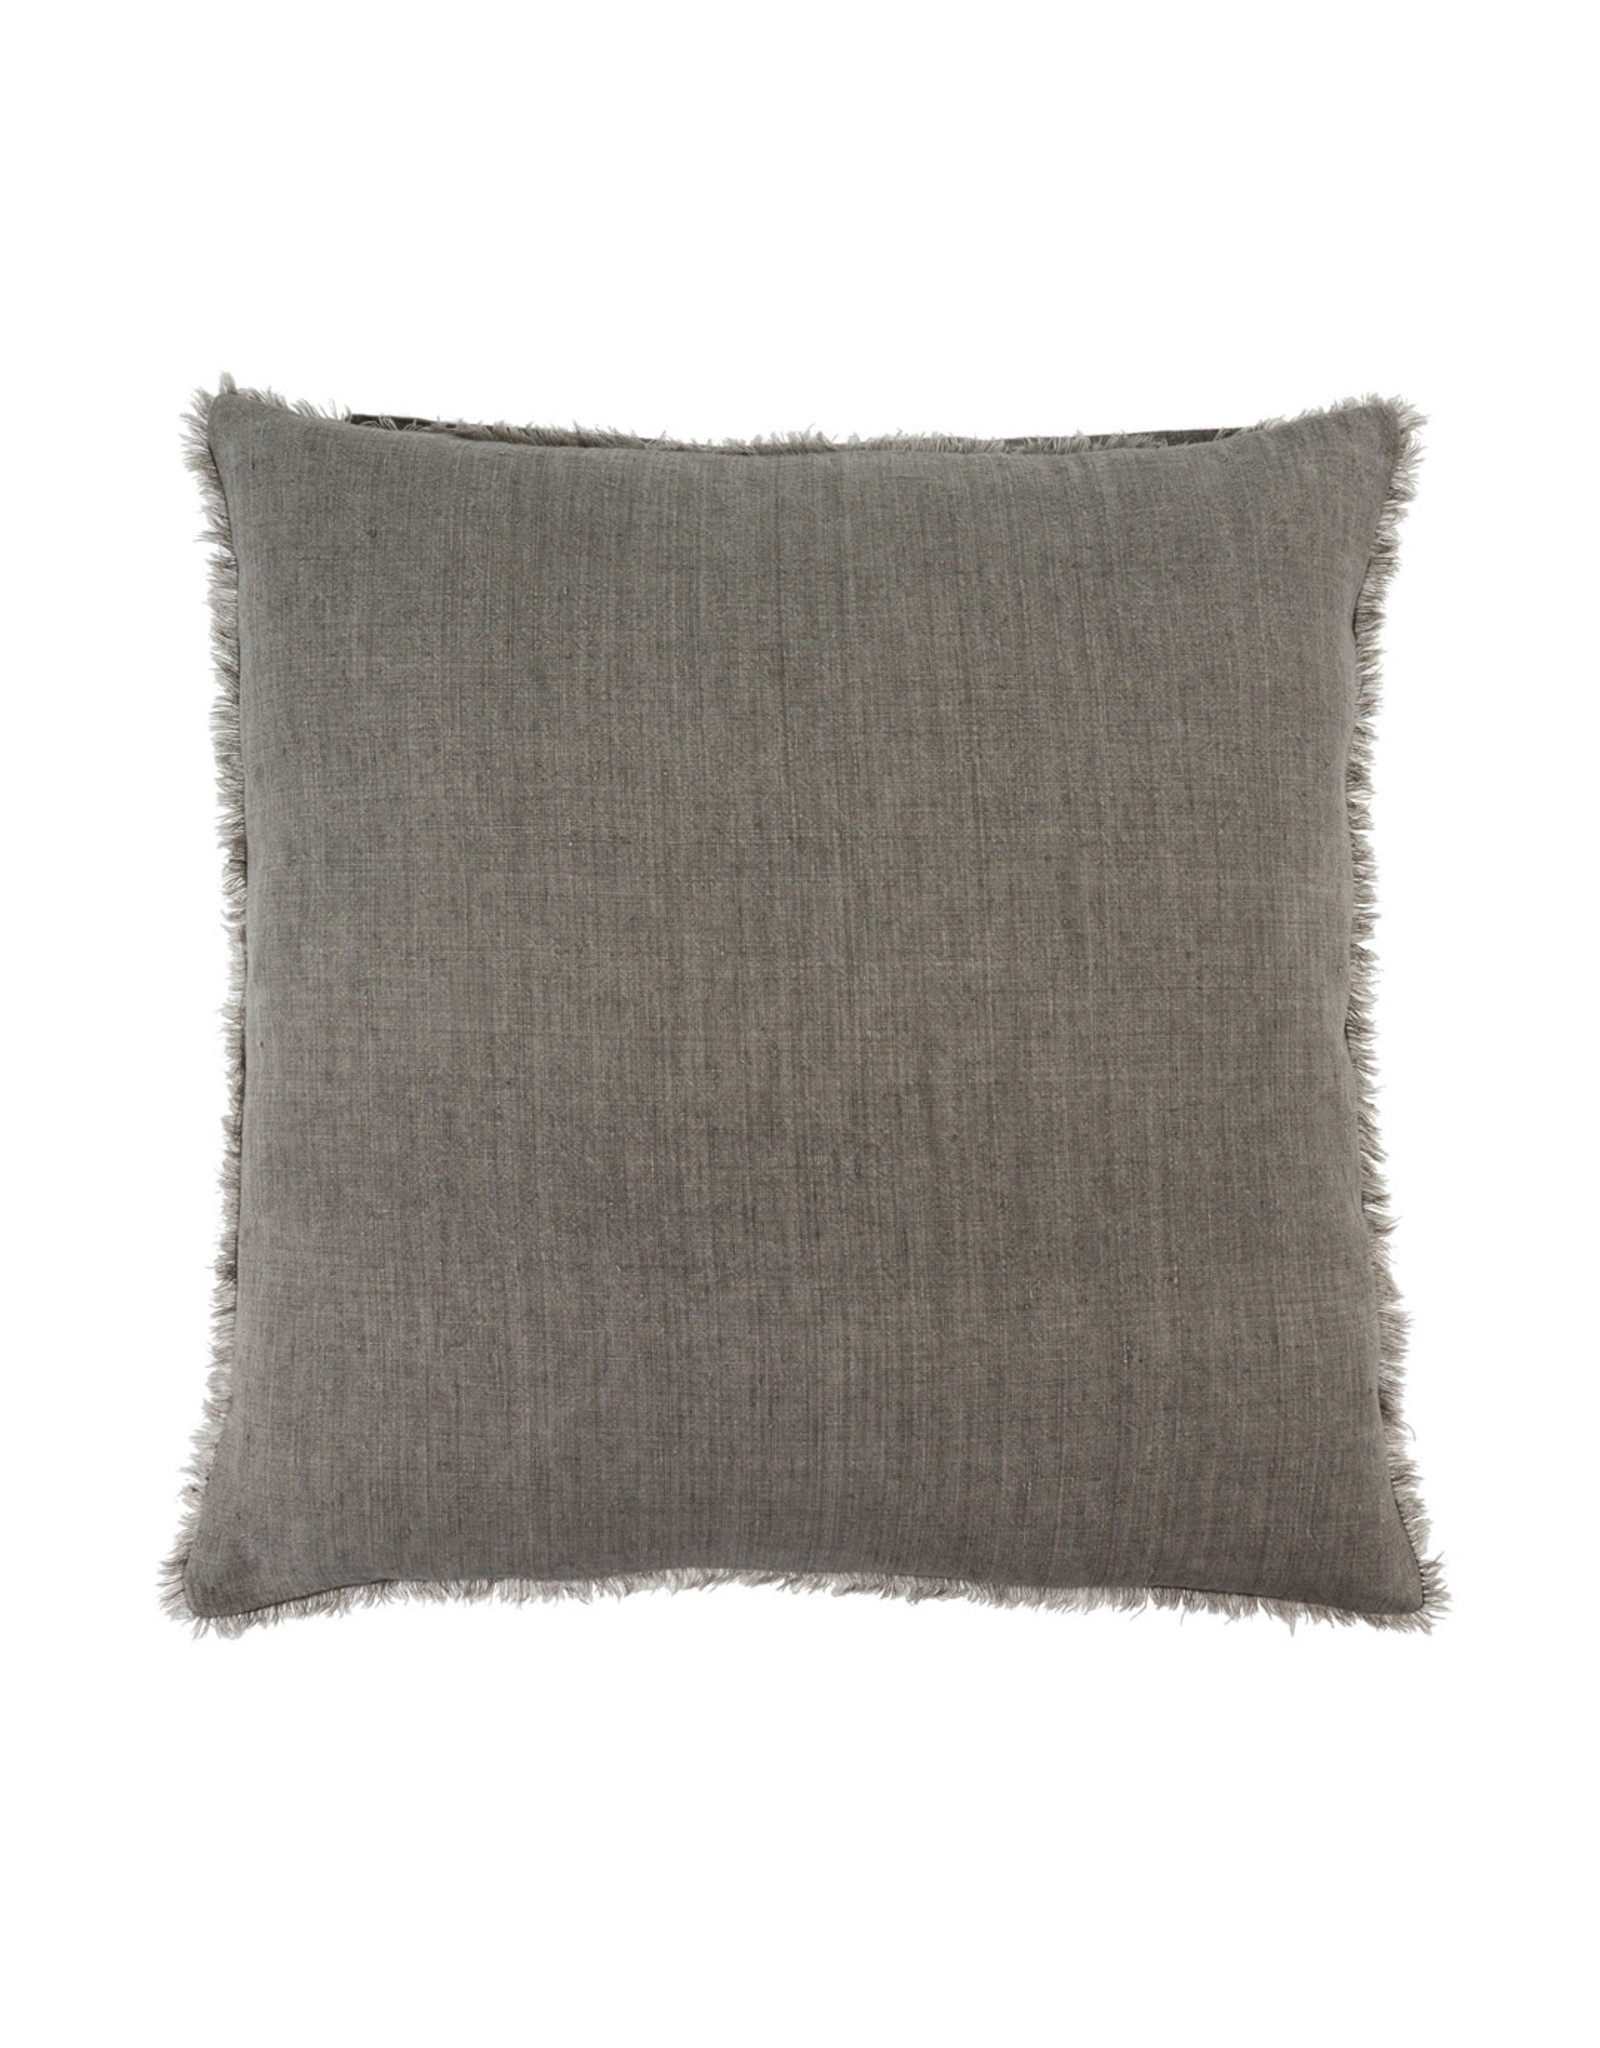 Lilith Linen Pillow